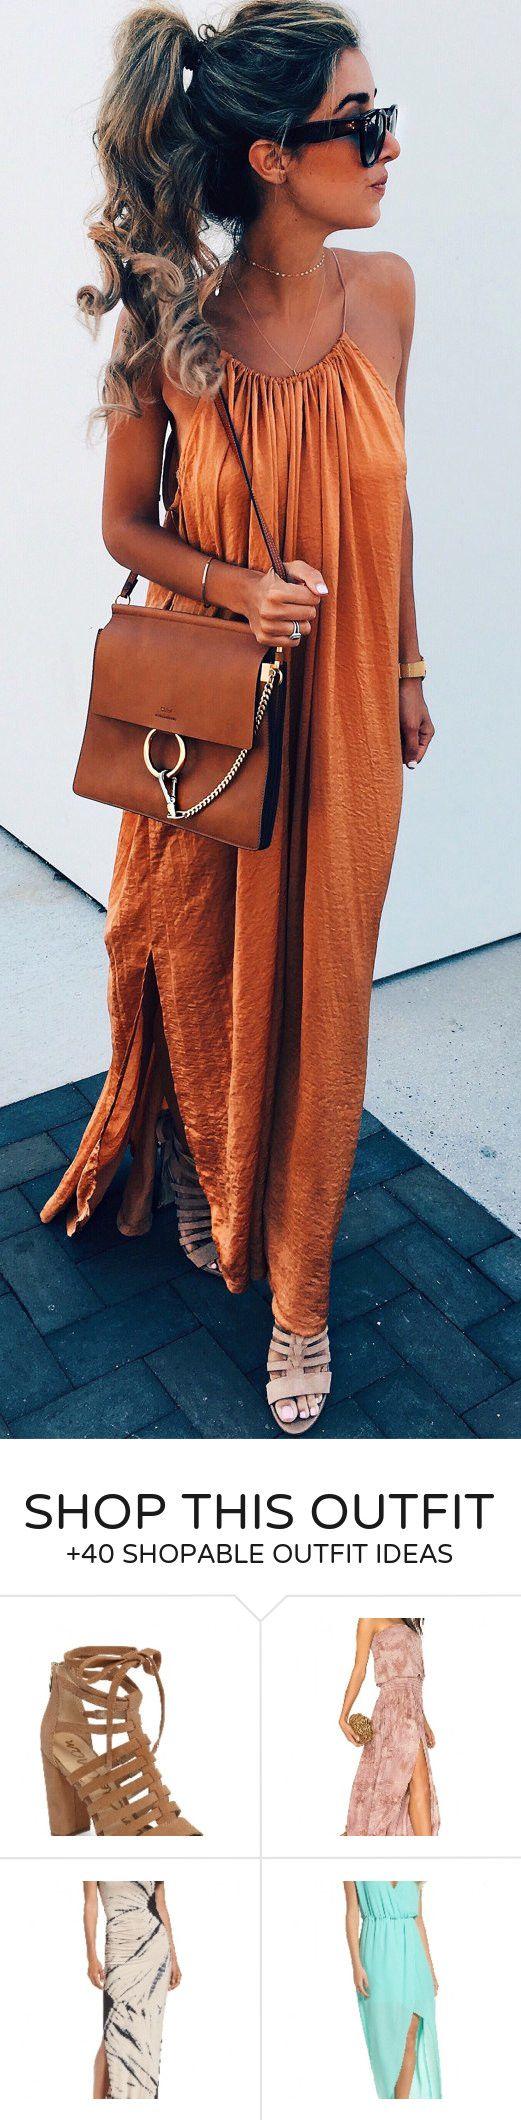 #summer #outfits Orange Maxi Dress + Brown Leather Shoulder Bag ❤️